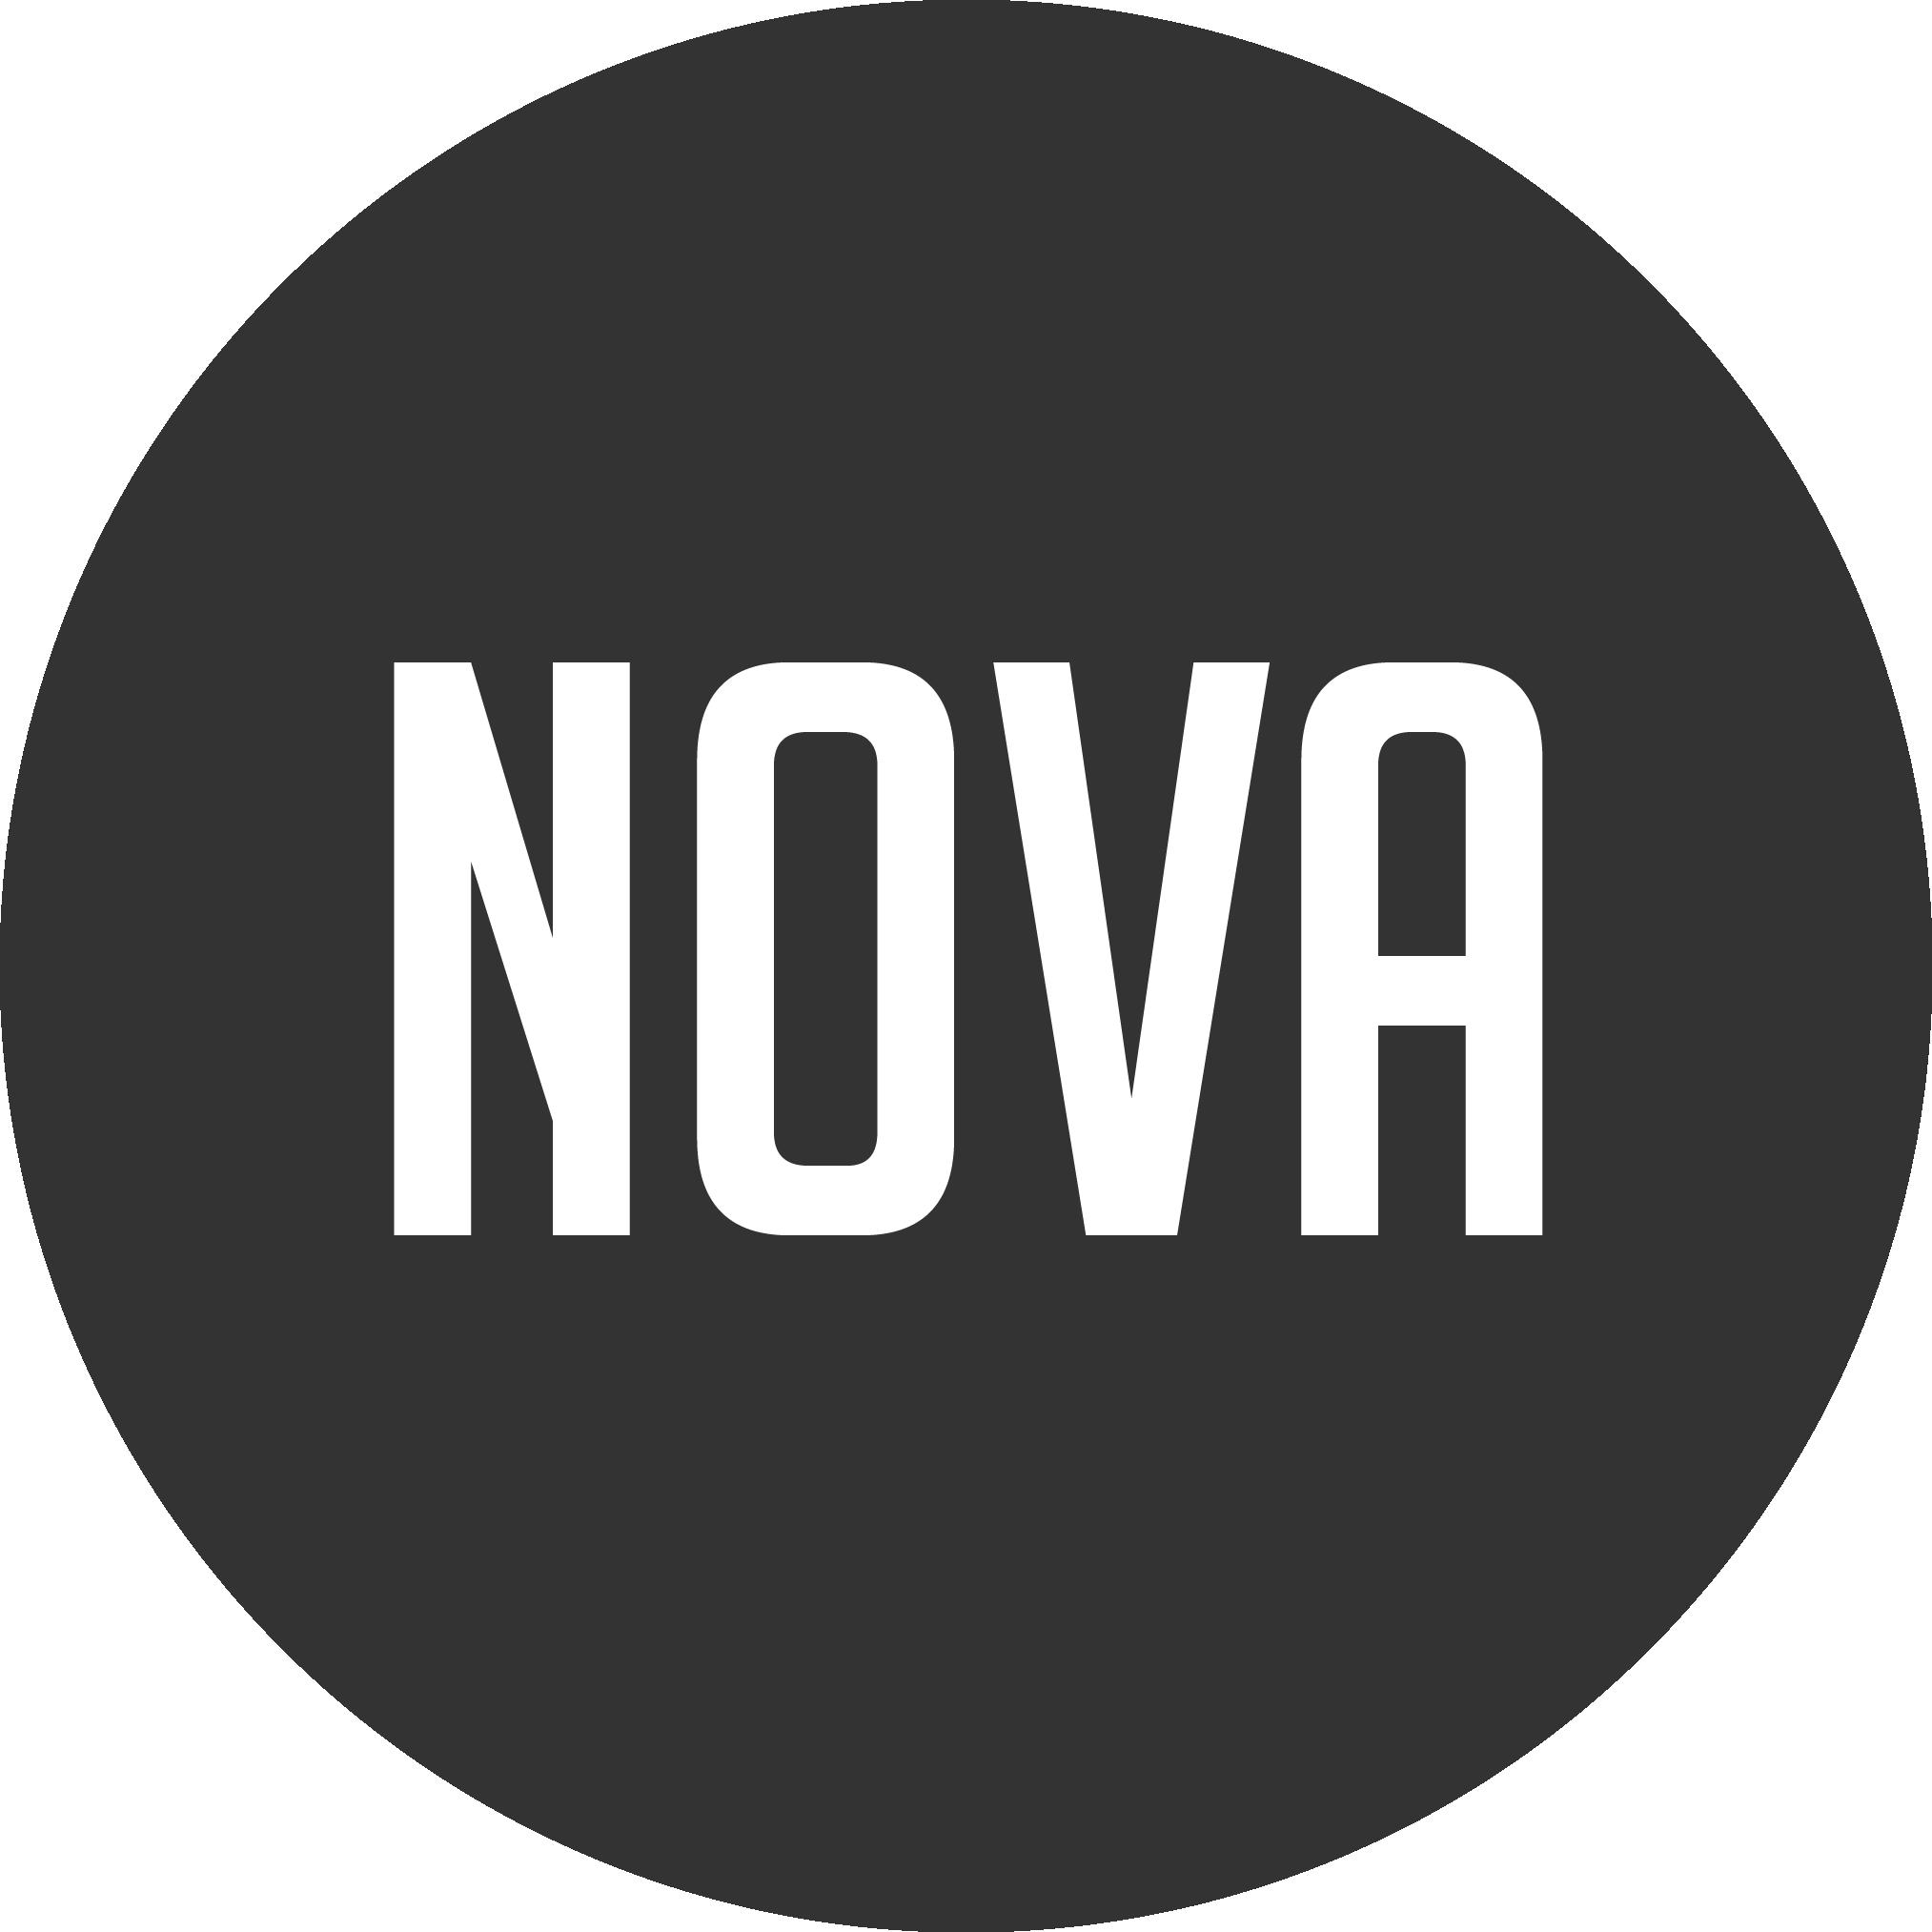 Nova Pursuits